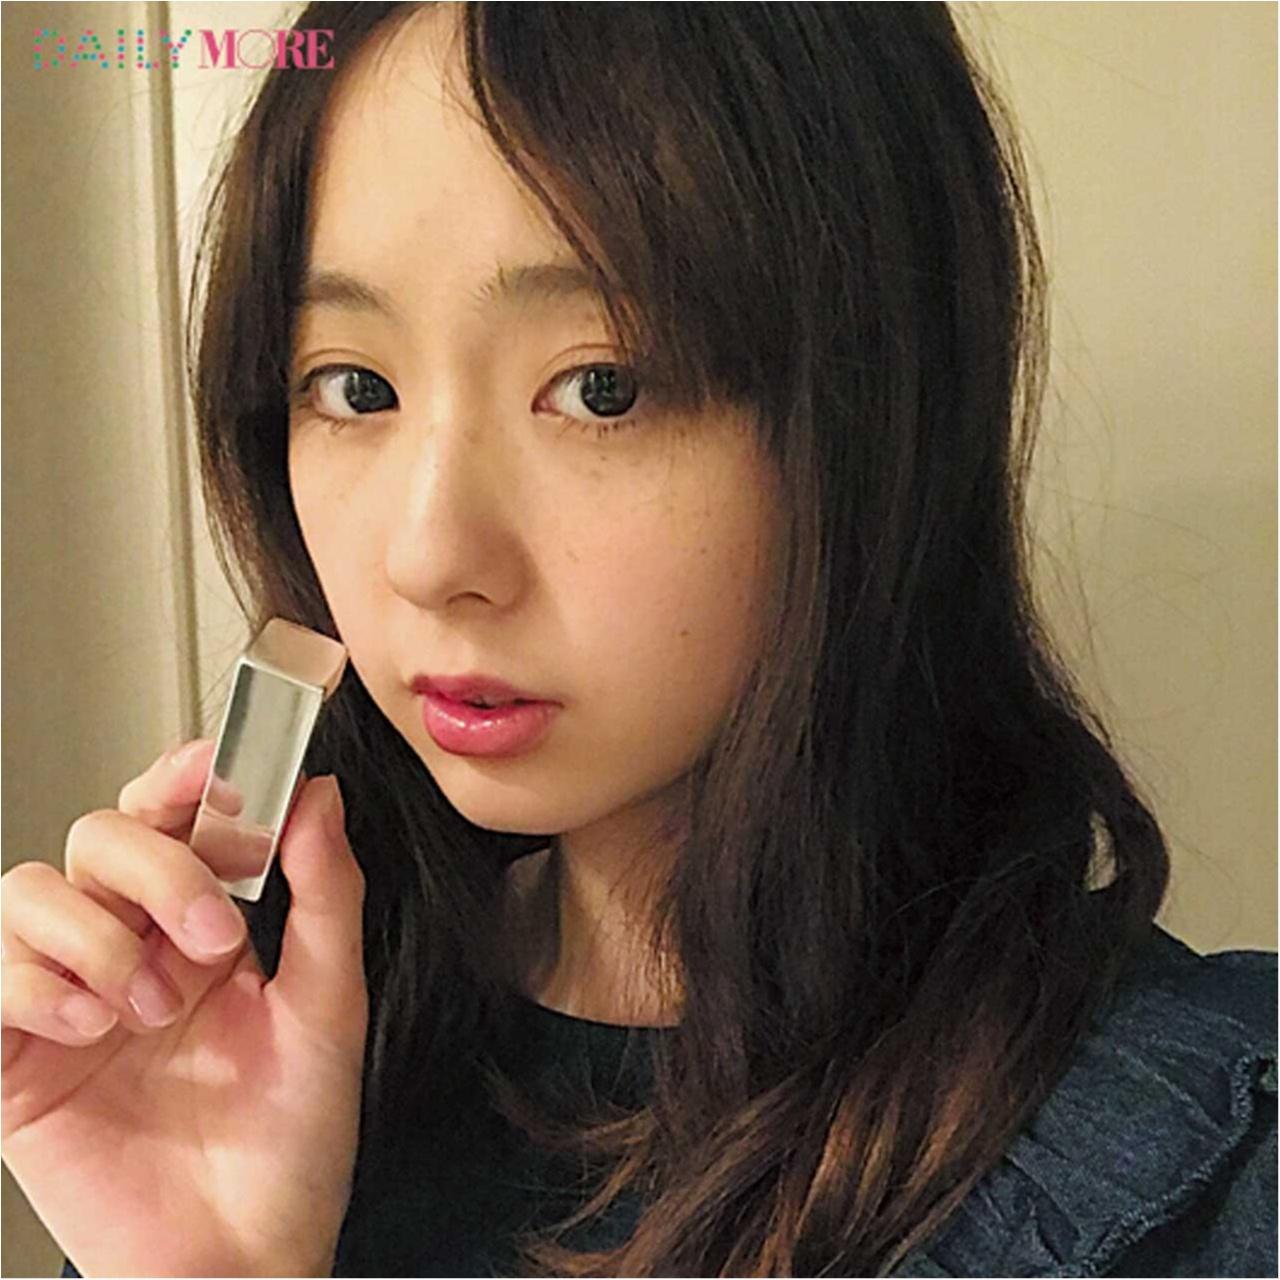 AMOちゃんは「RMK フェイスポ ップ リップス」で上品顔にシフト♡【教えて! モアビューティズの1UP美容♡】_2